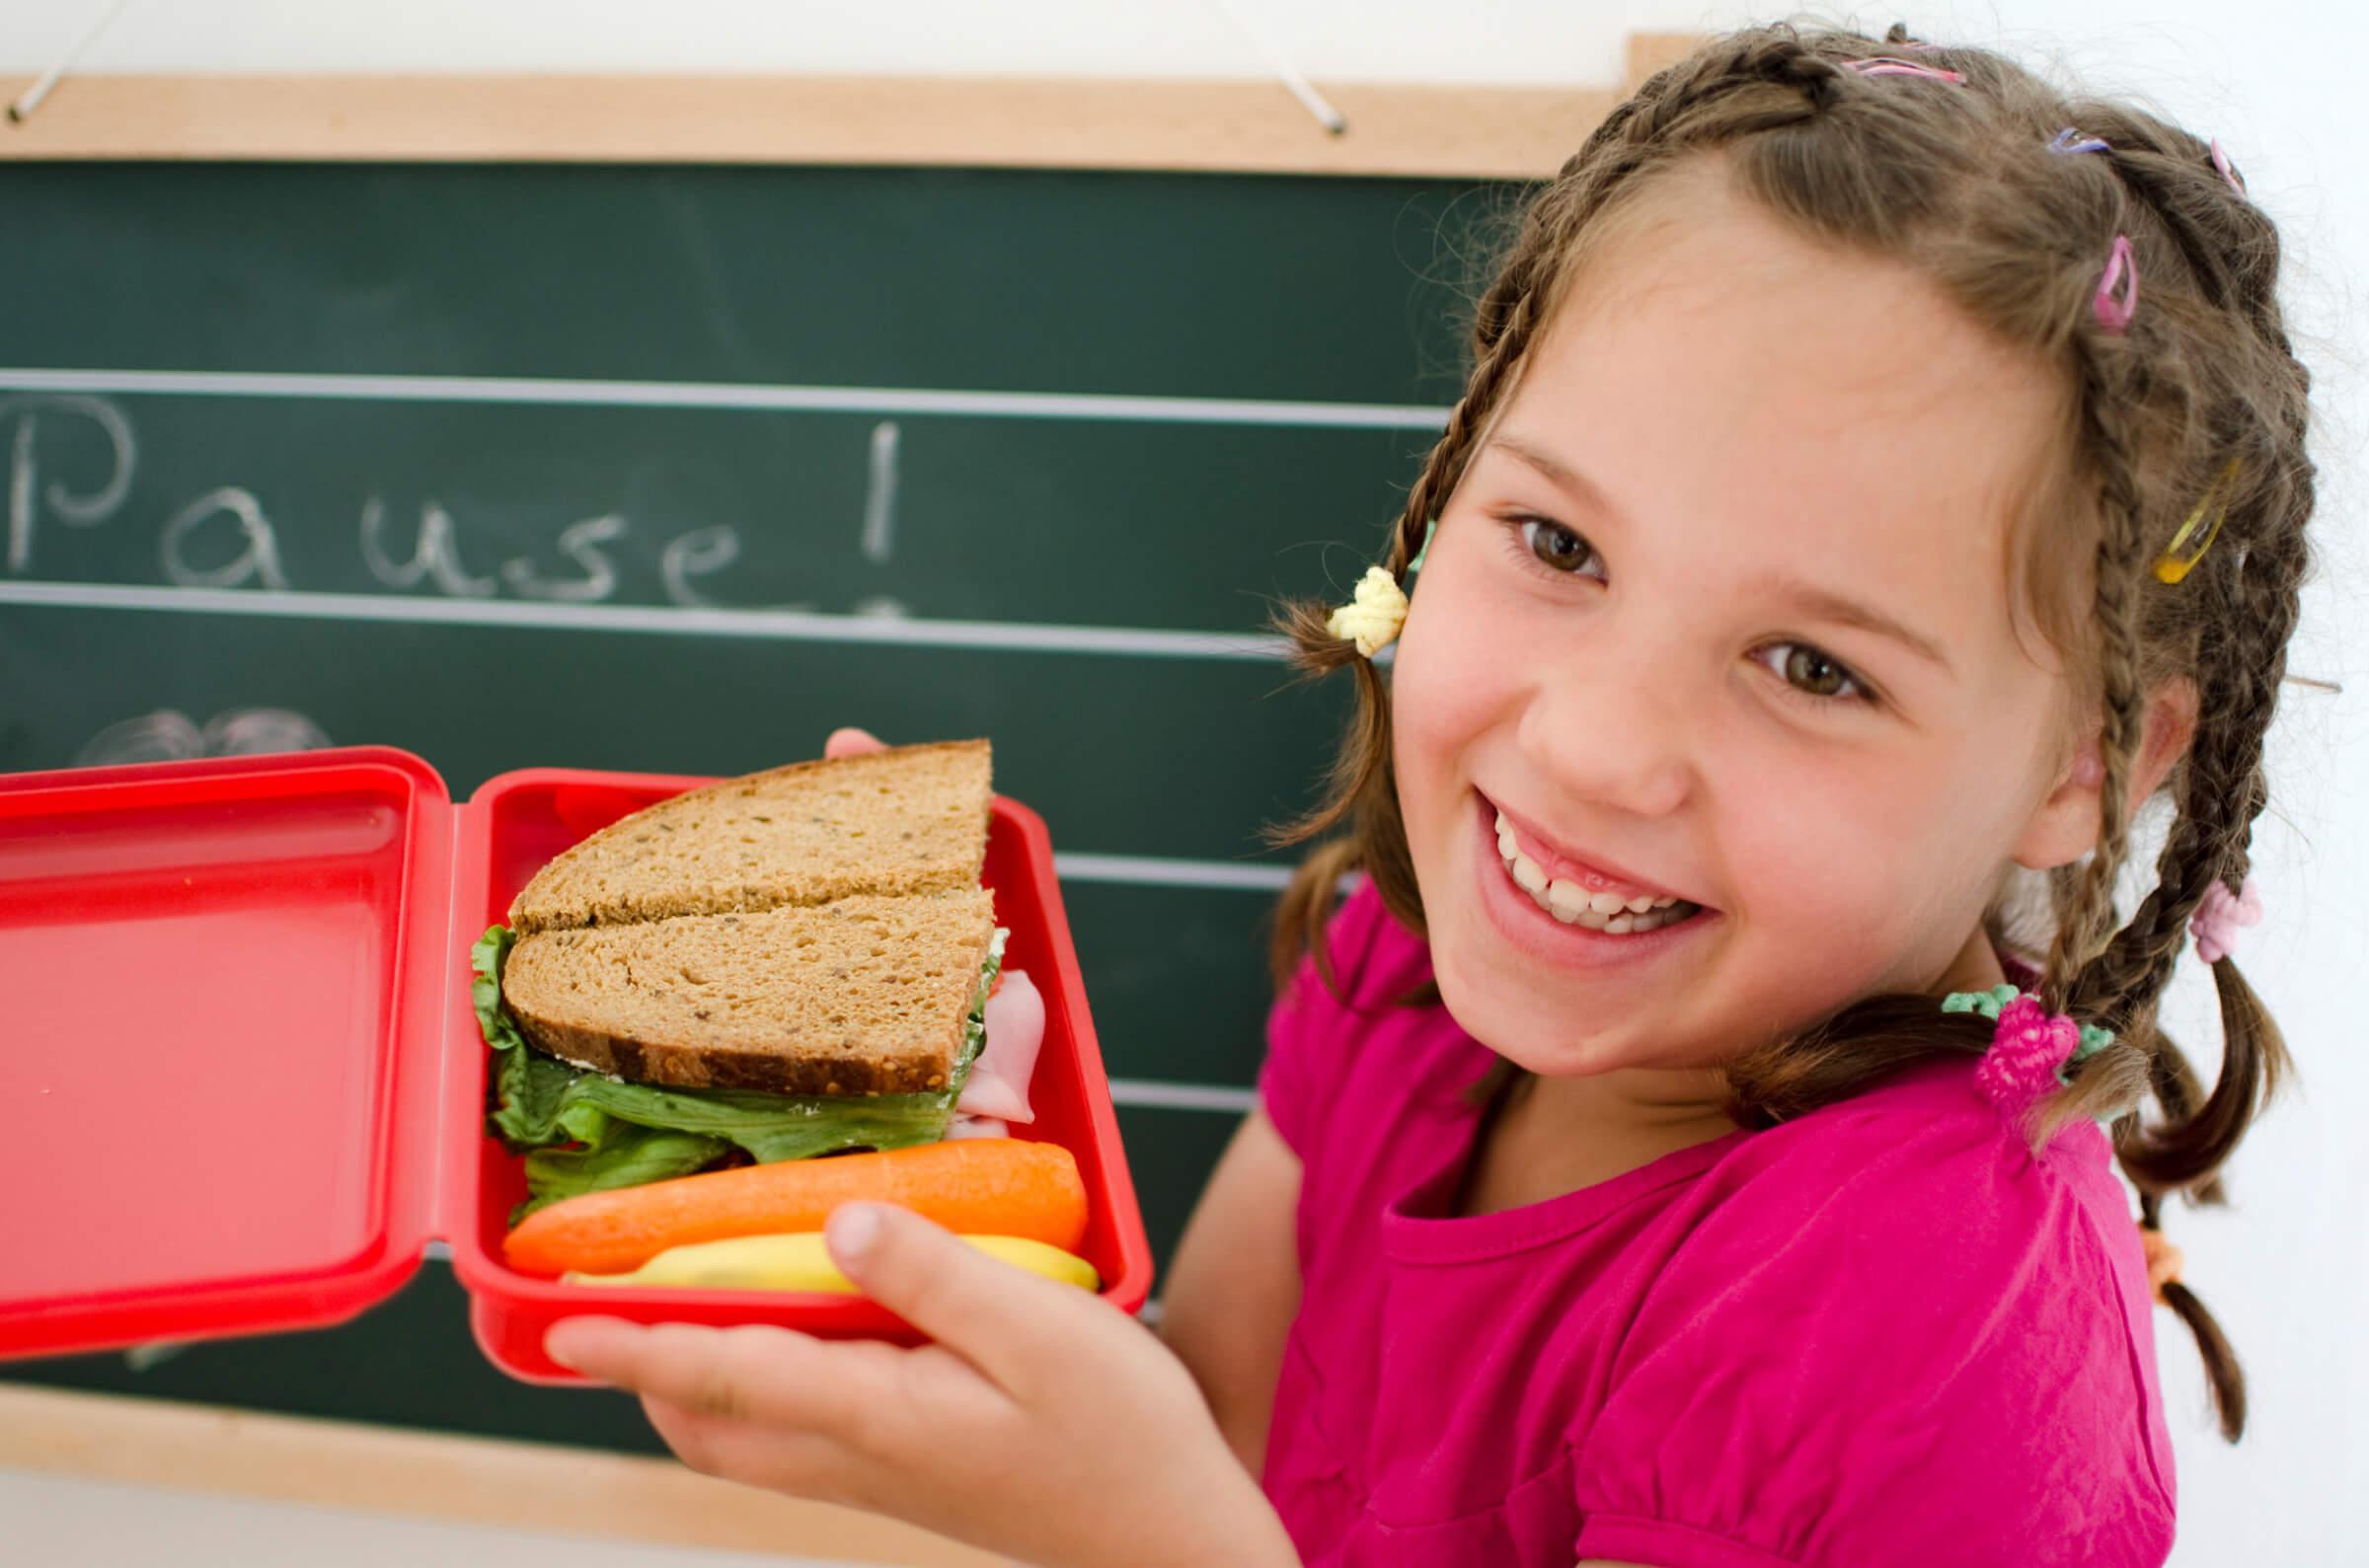 Kind-glücklich-mit-Pausenbrot-Happy-Lunchbox